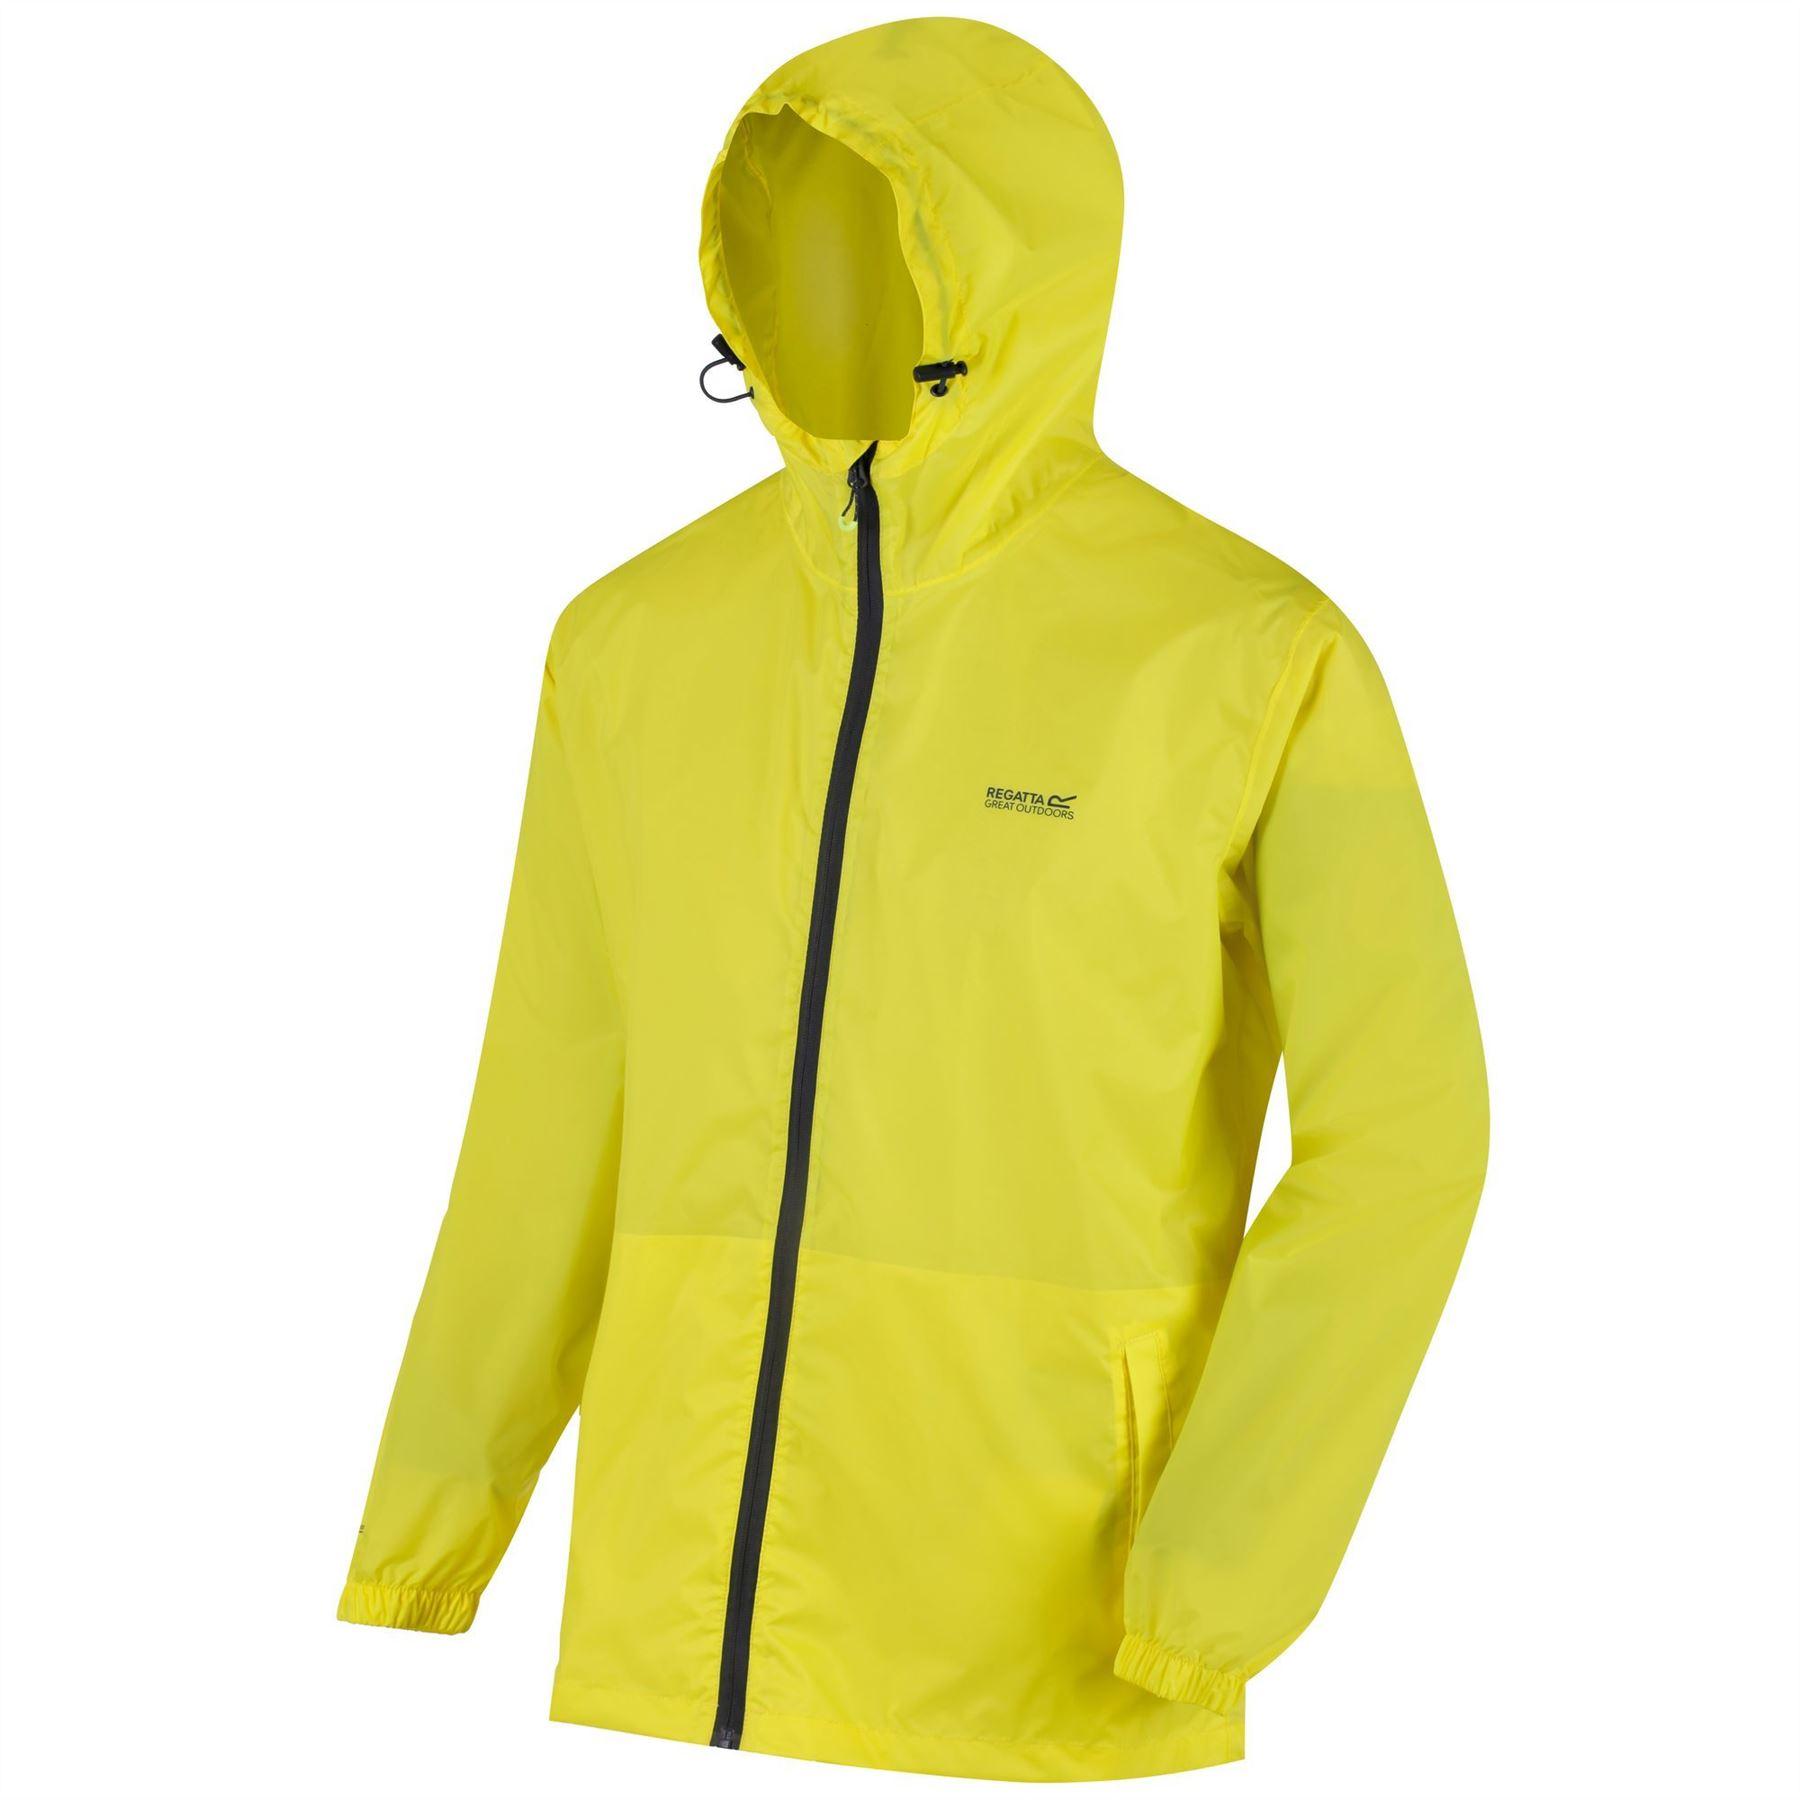 miniatuur 11 - Regatta Mens Pack-it In a bag Packable Waterproof Jacket Outdoor Pack a mac